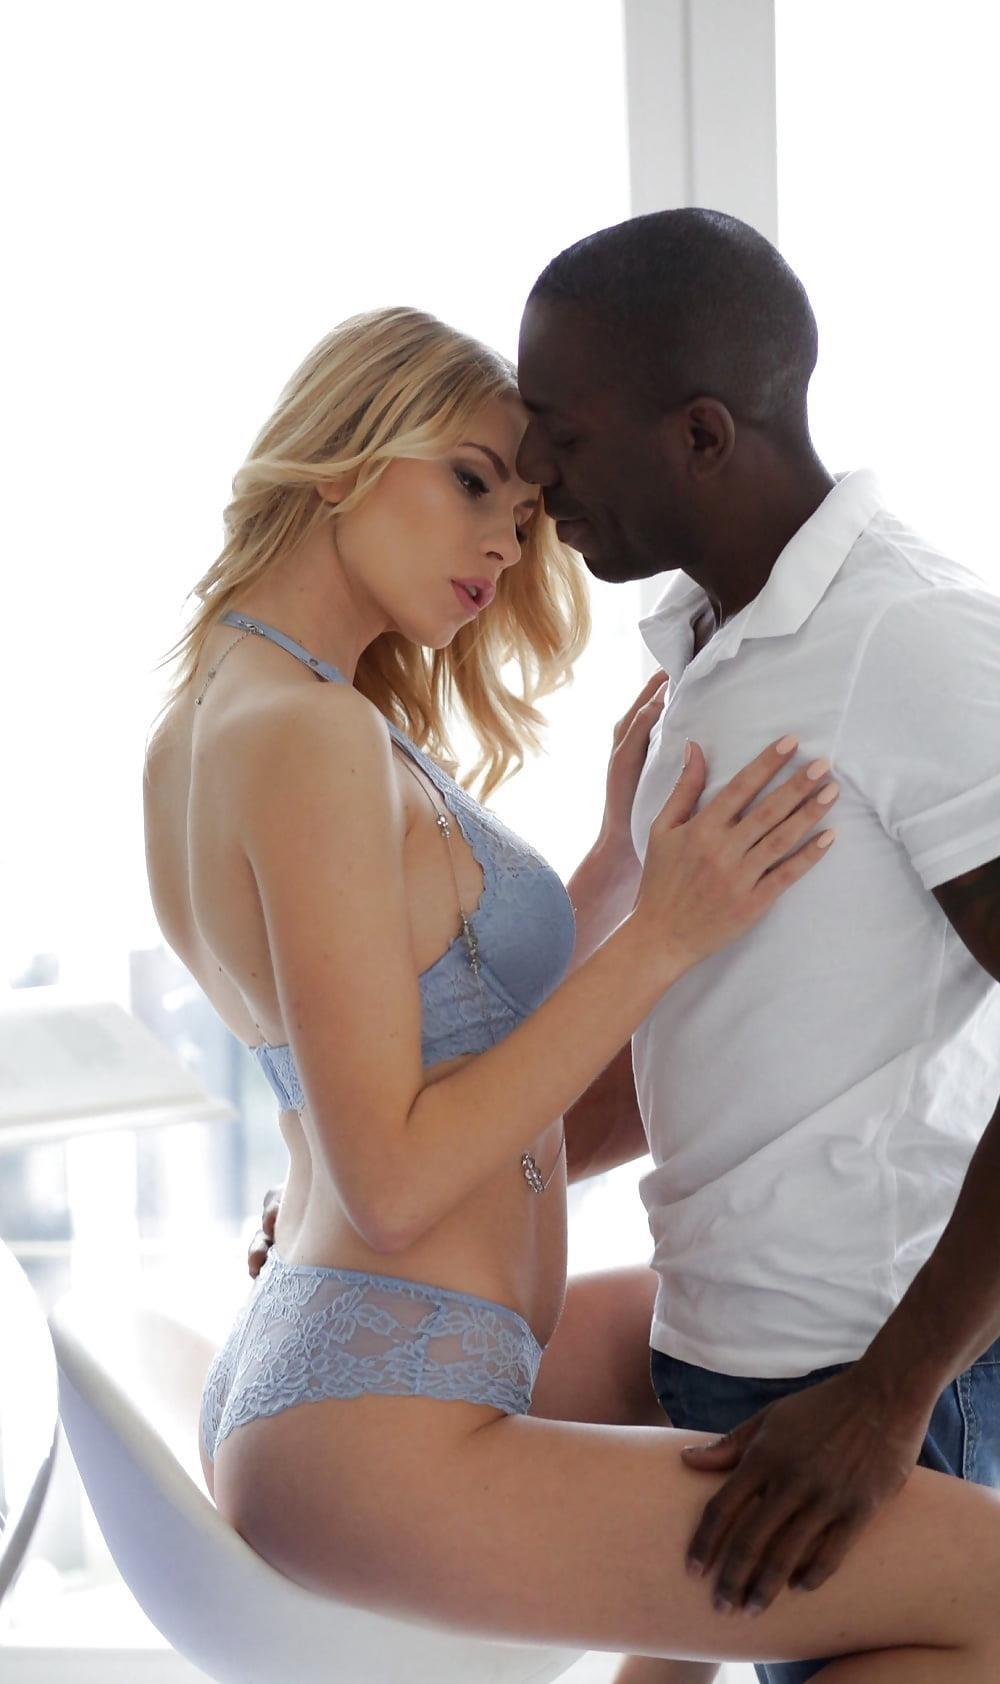 Interracial pics amateur-7514